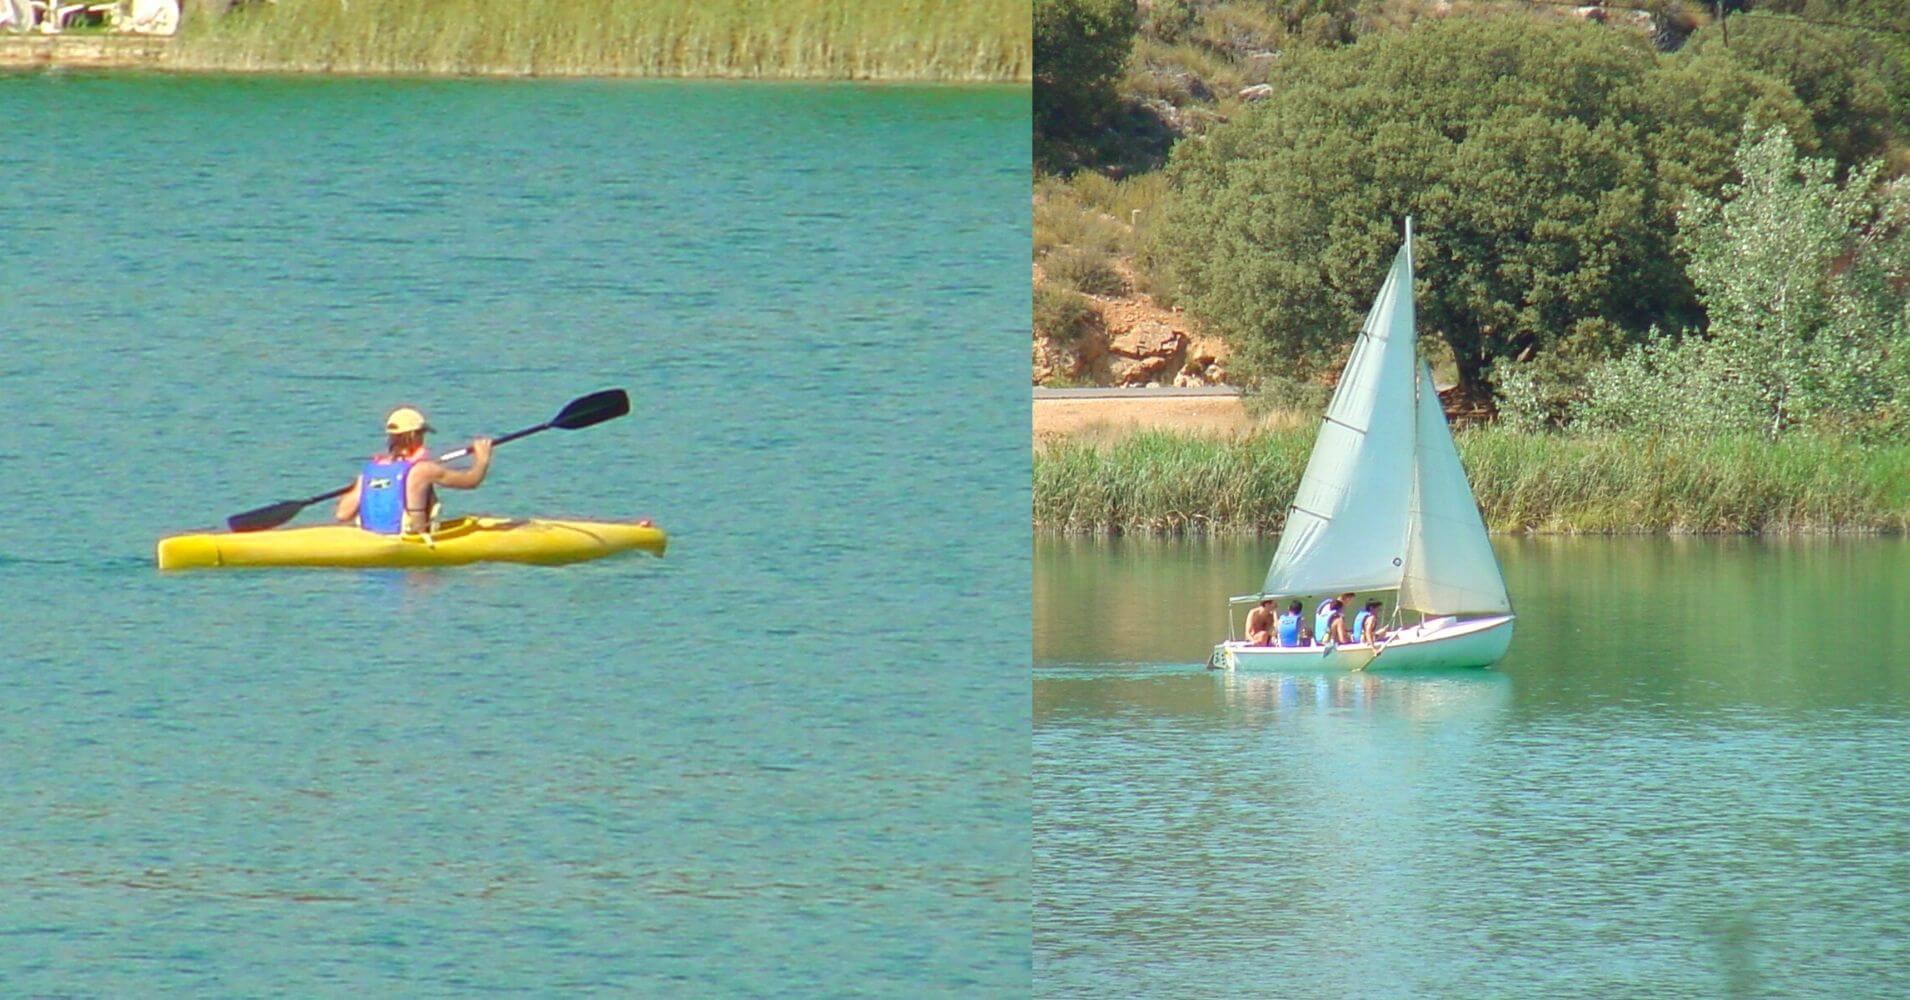 Actividades de Agua en Parque Natural Lagunas de Ruidera. Ciudad Real, Albacete. Castilla la Mancha.